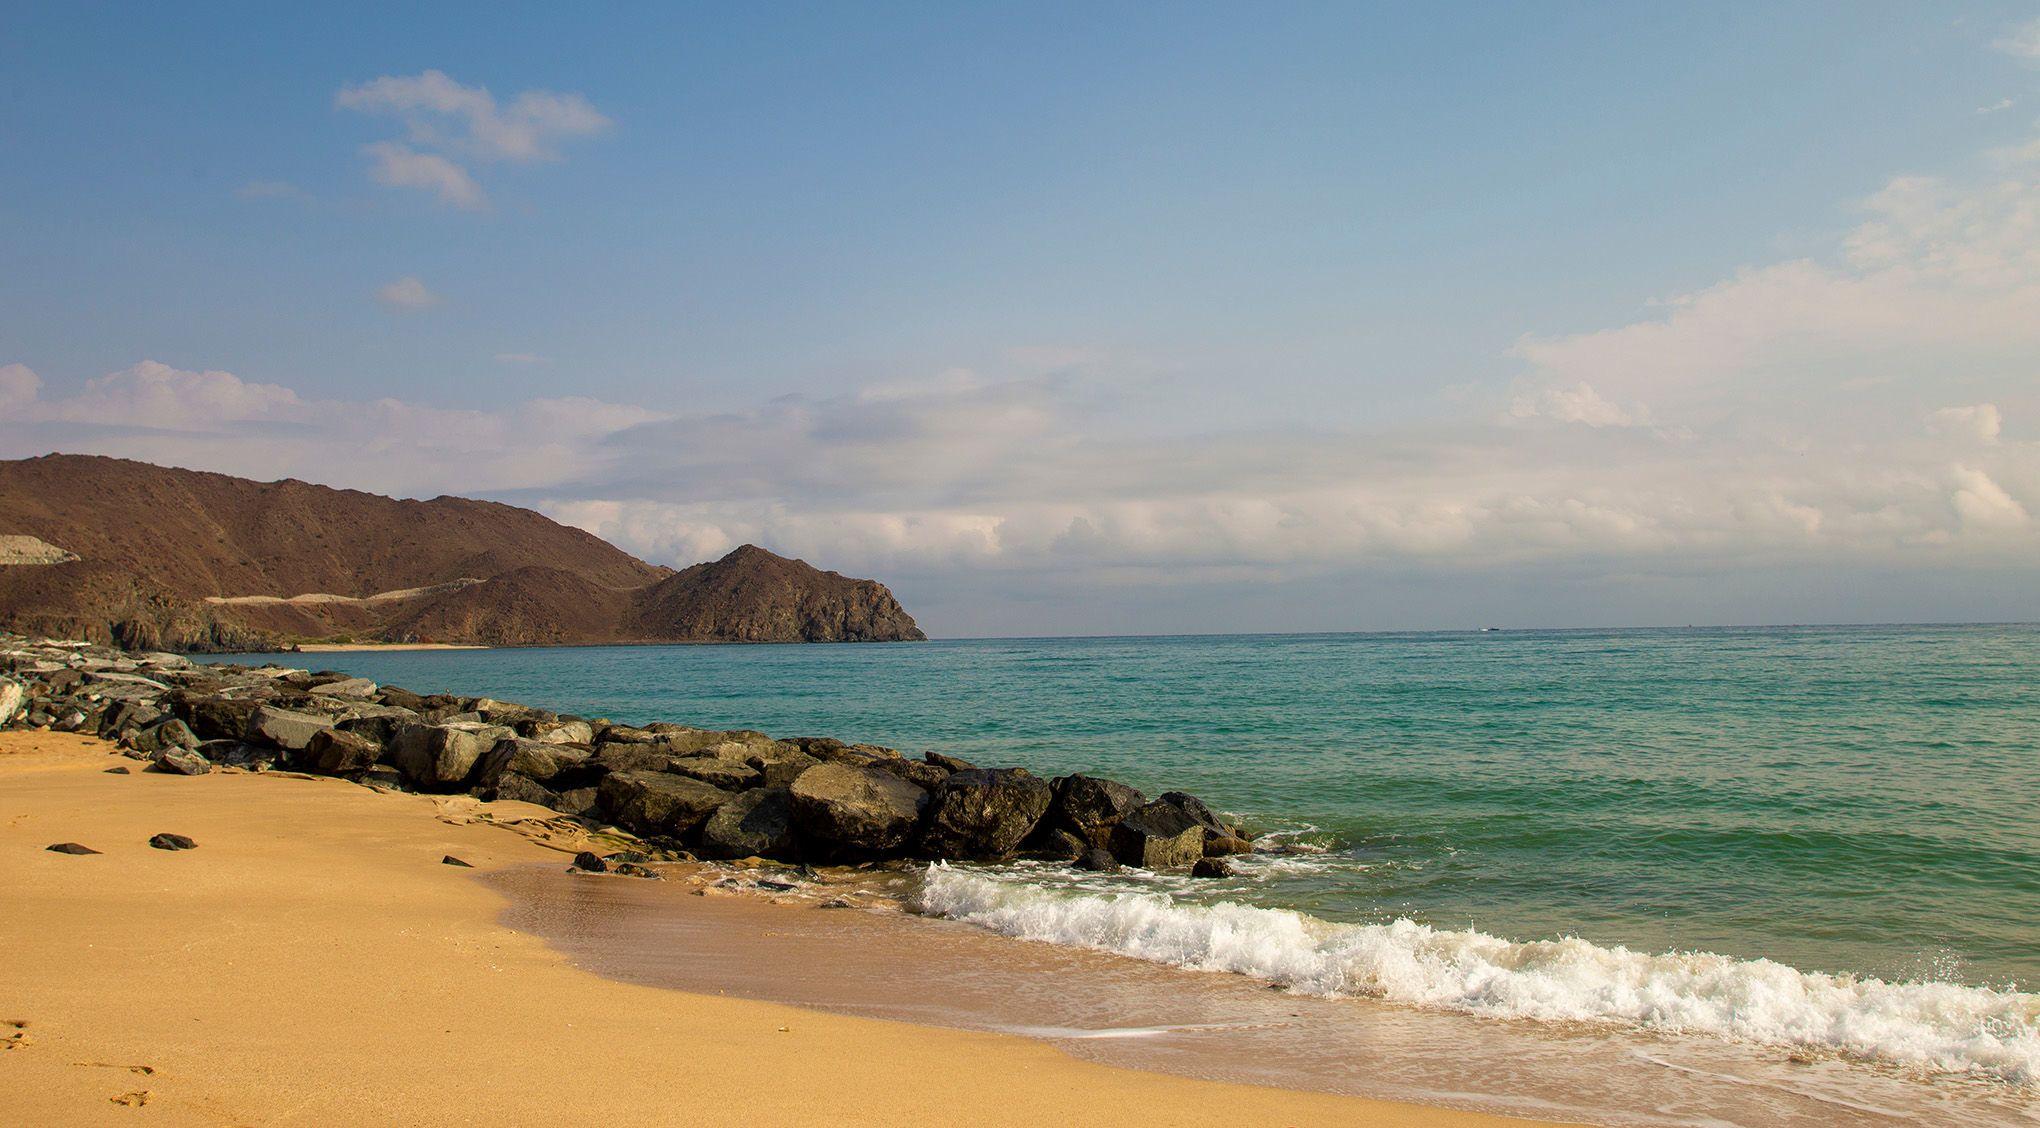 Goldgelber Sand, leuchtend blaues Meerwasser, braunrote Felskuppen –an der Küste von Fujairah